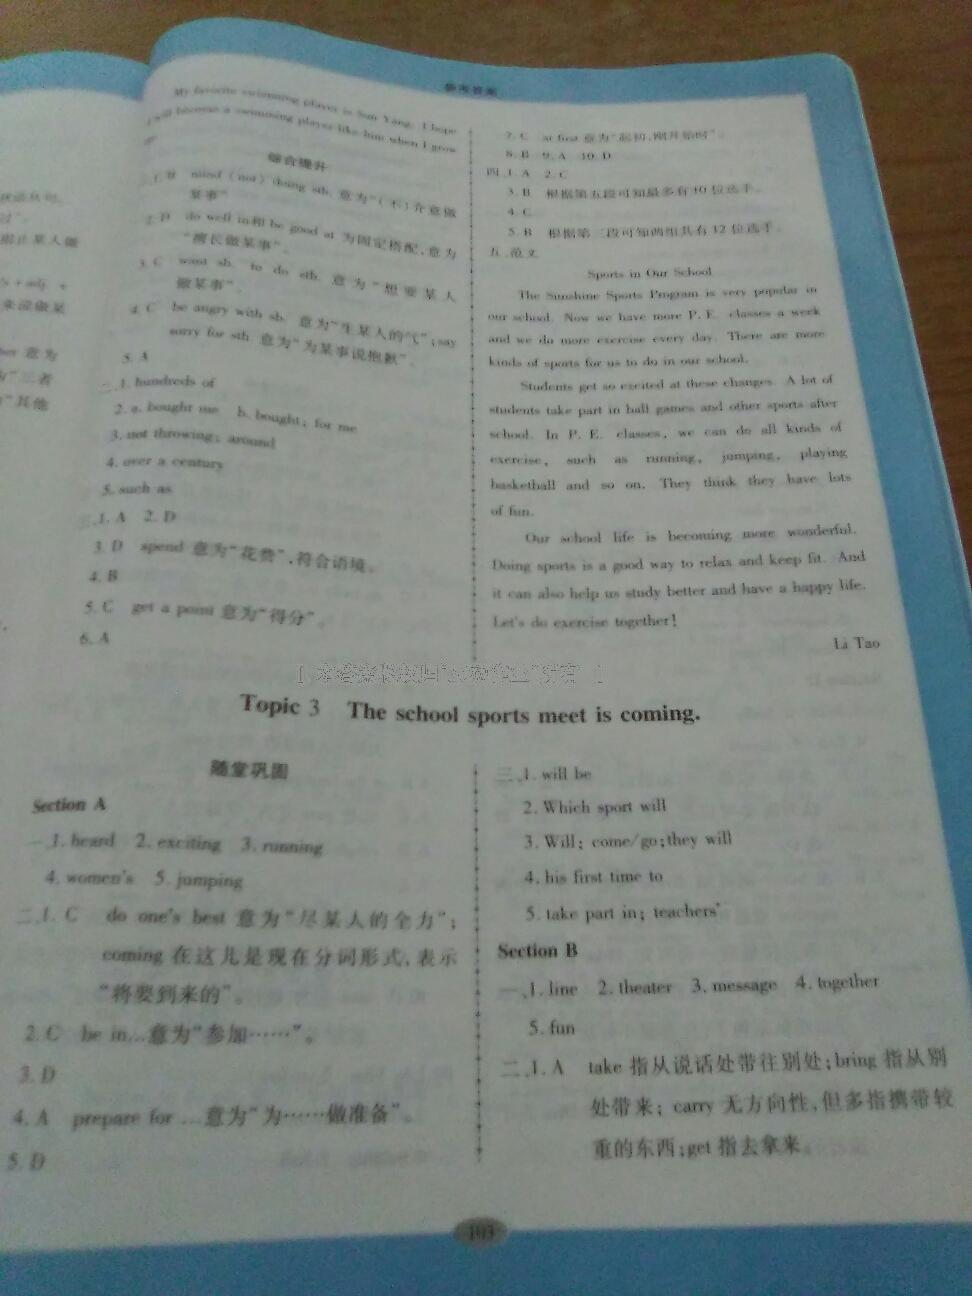 2016年仁爱英语同步练习册八年级英语上册第4页